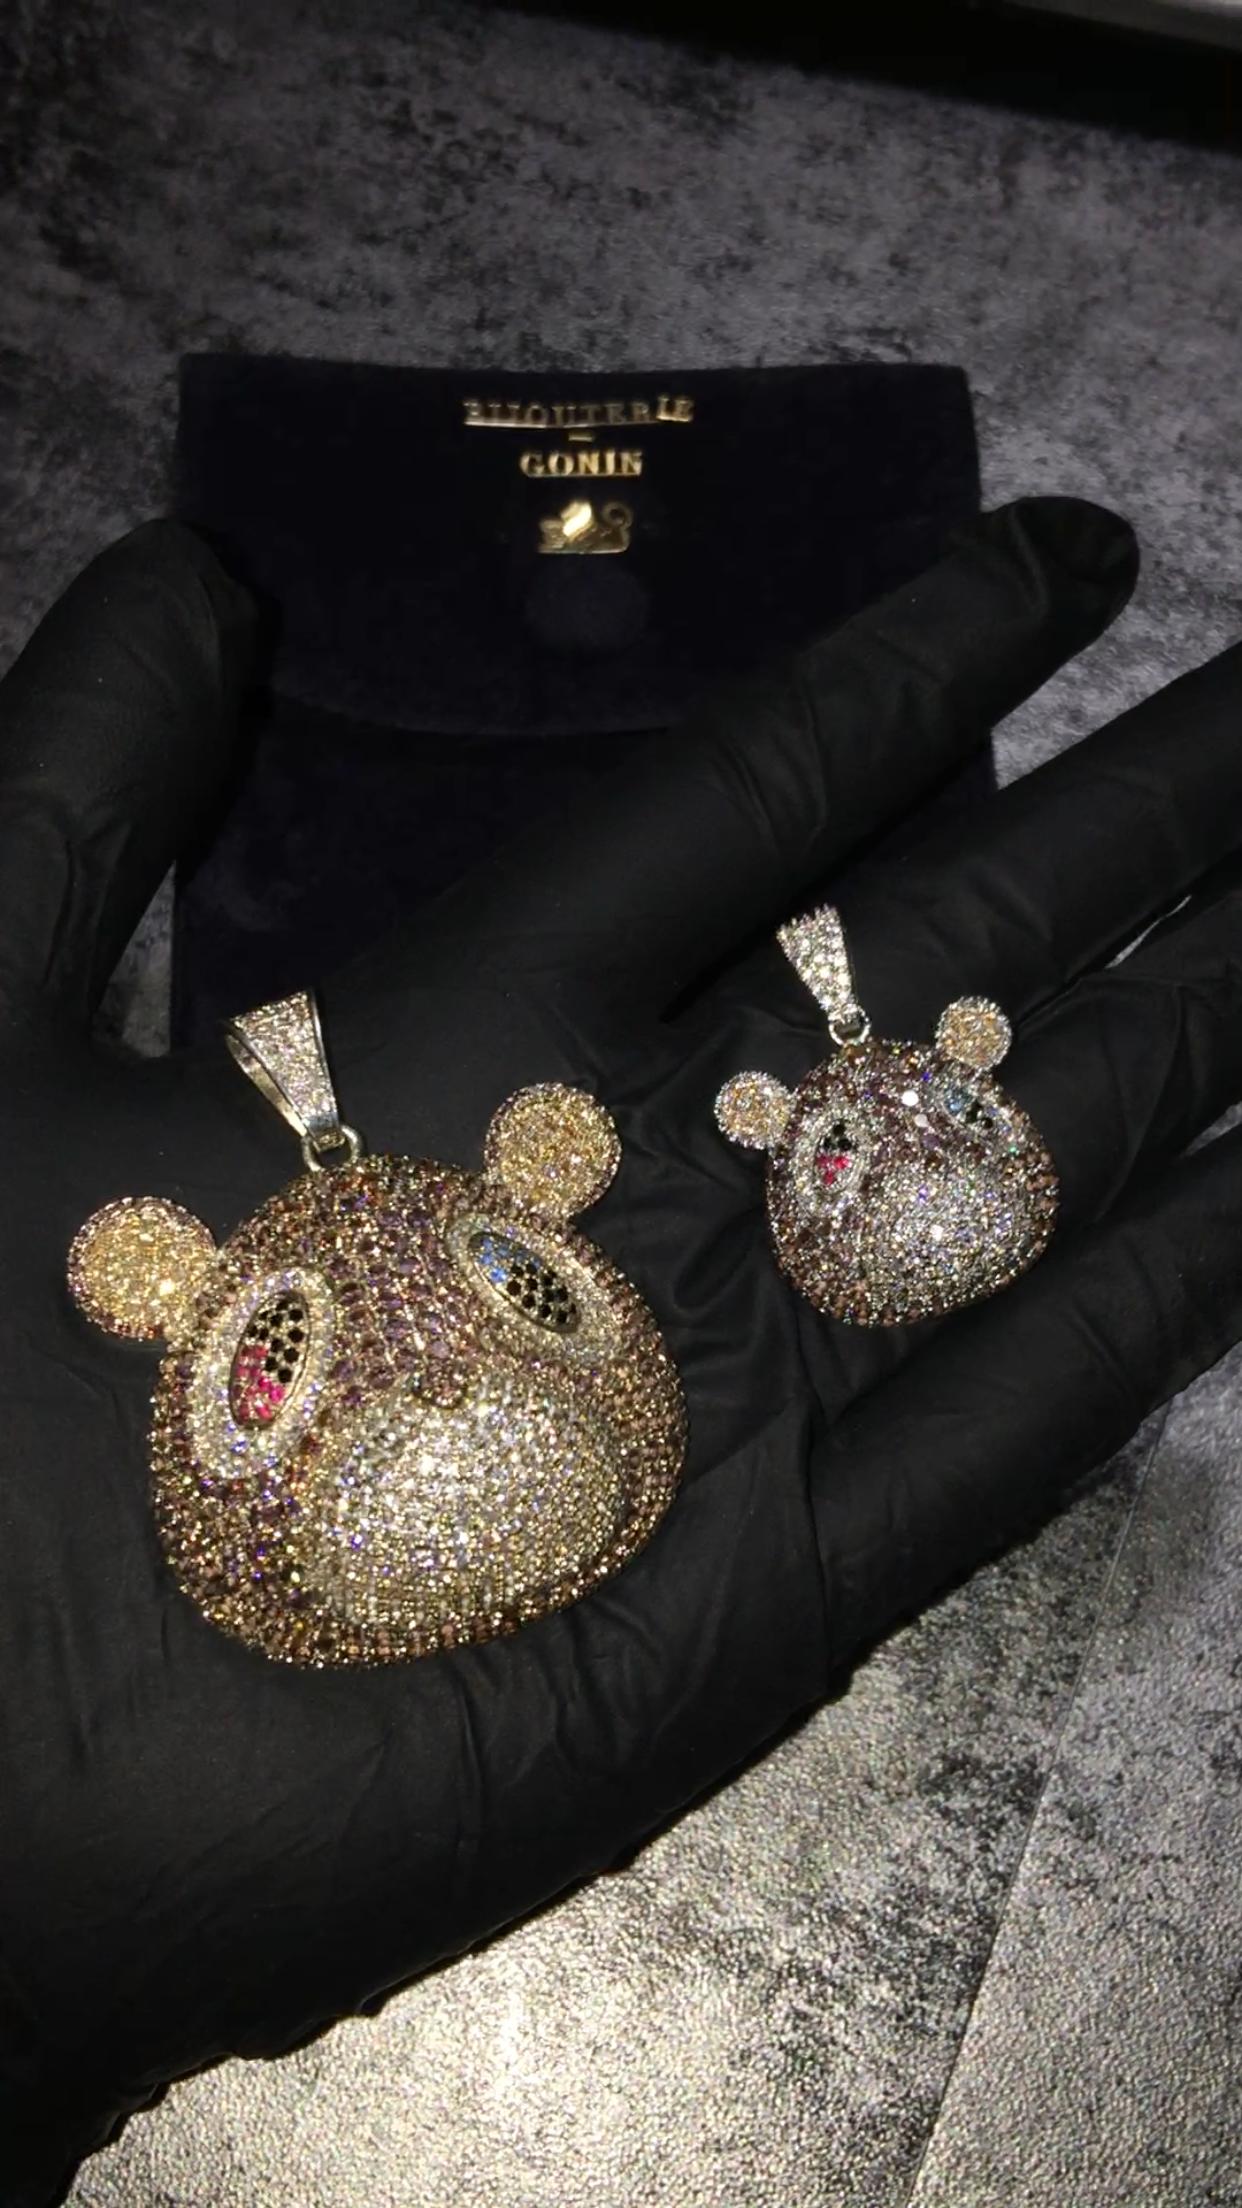 Pin By Jasmine Jones On Custom Jewelry Luxury Jewelry Chains Necklace Jewelry